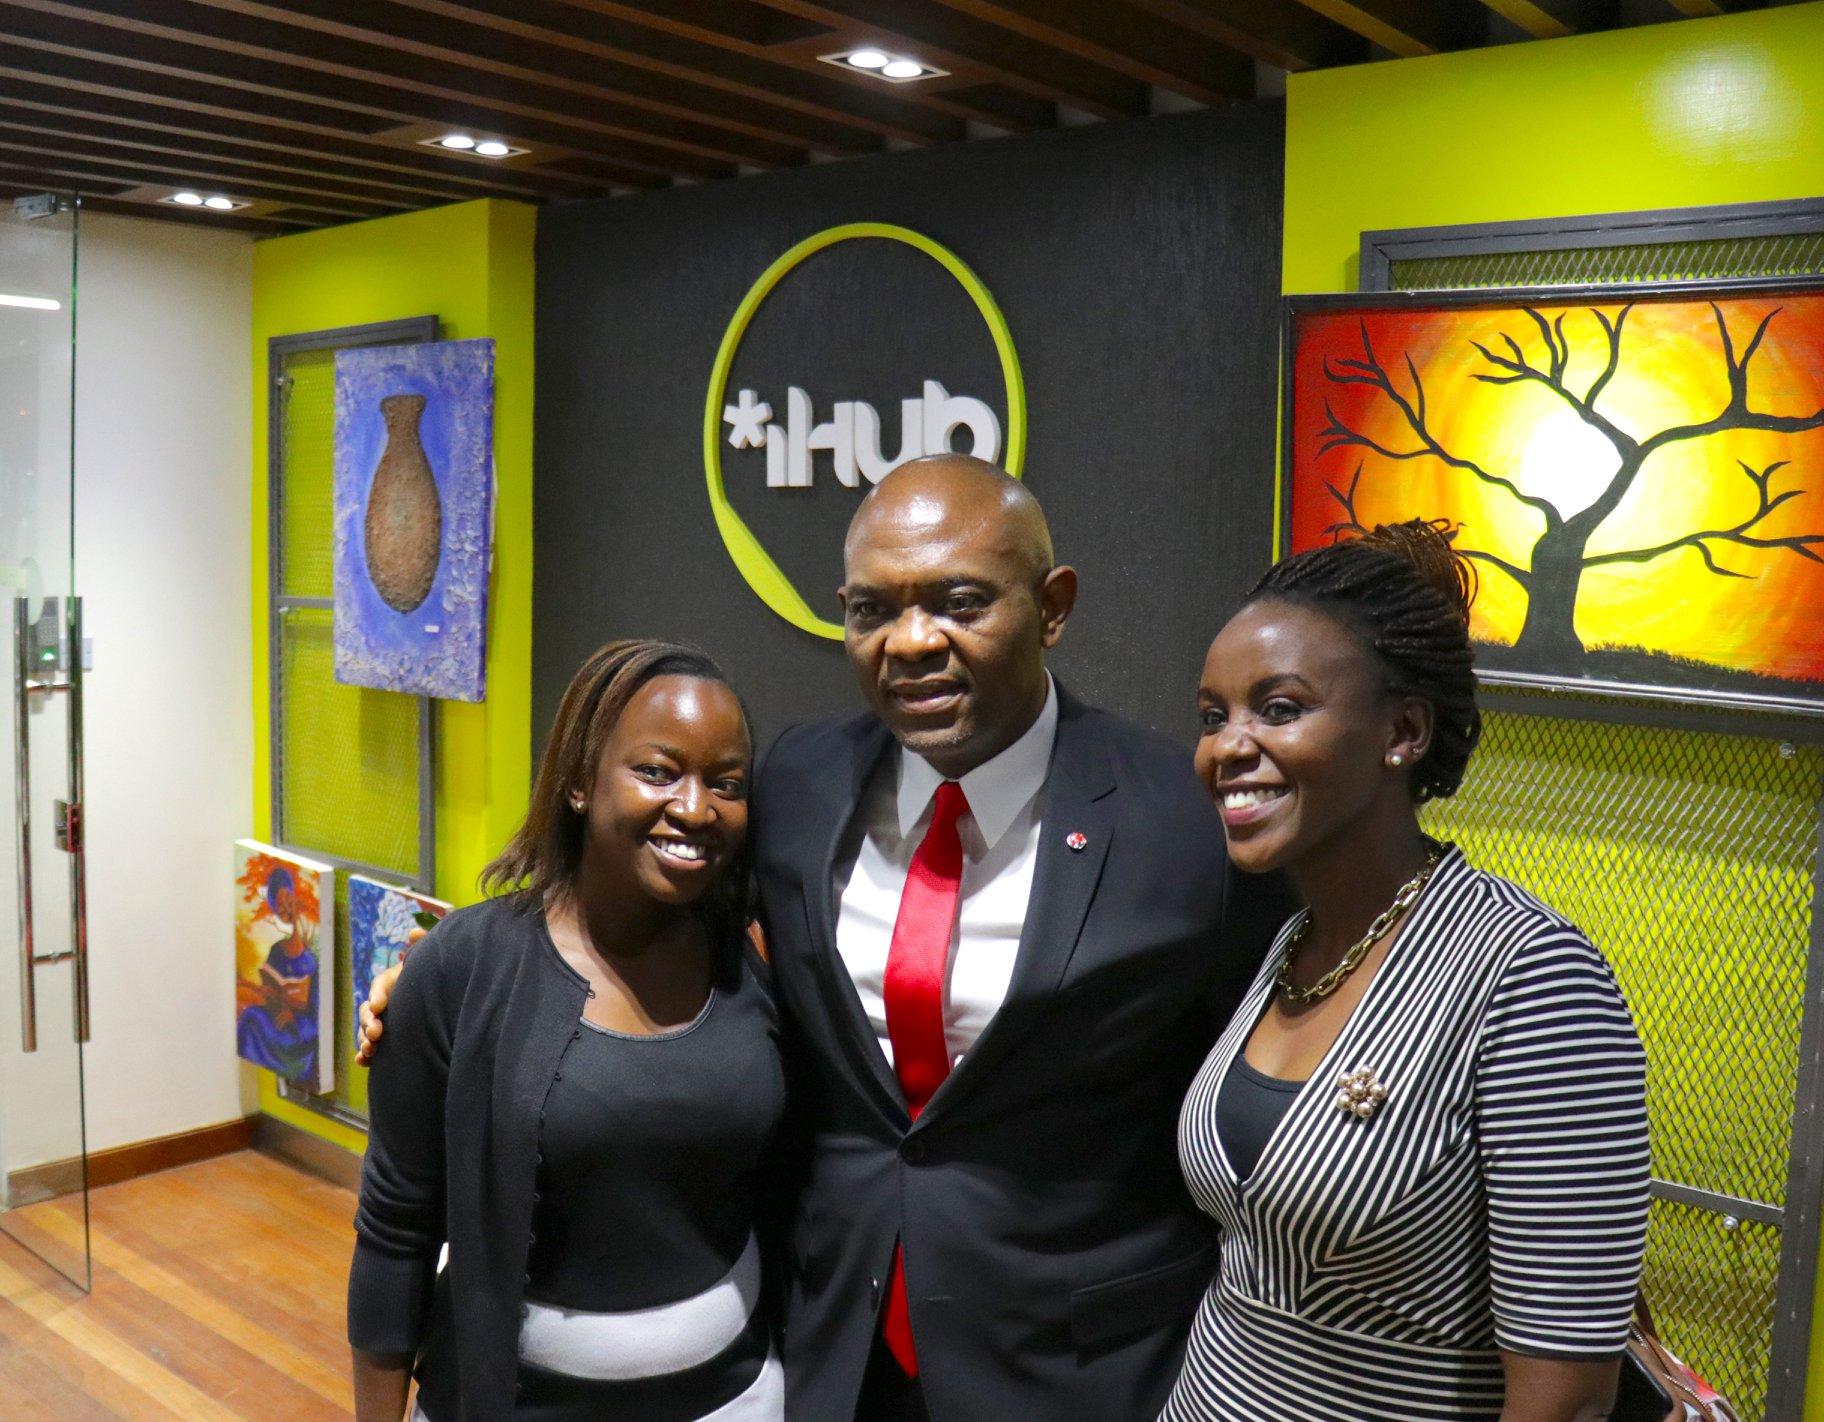 iHub, Nairobi